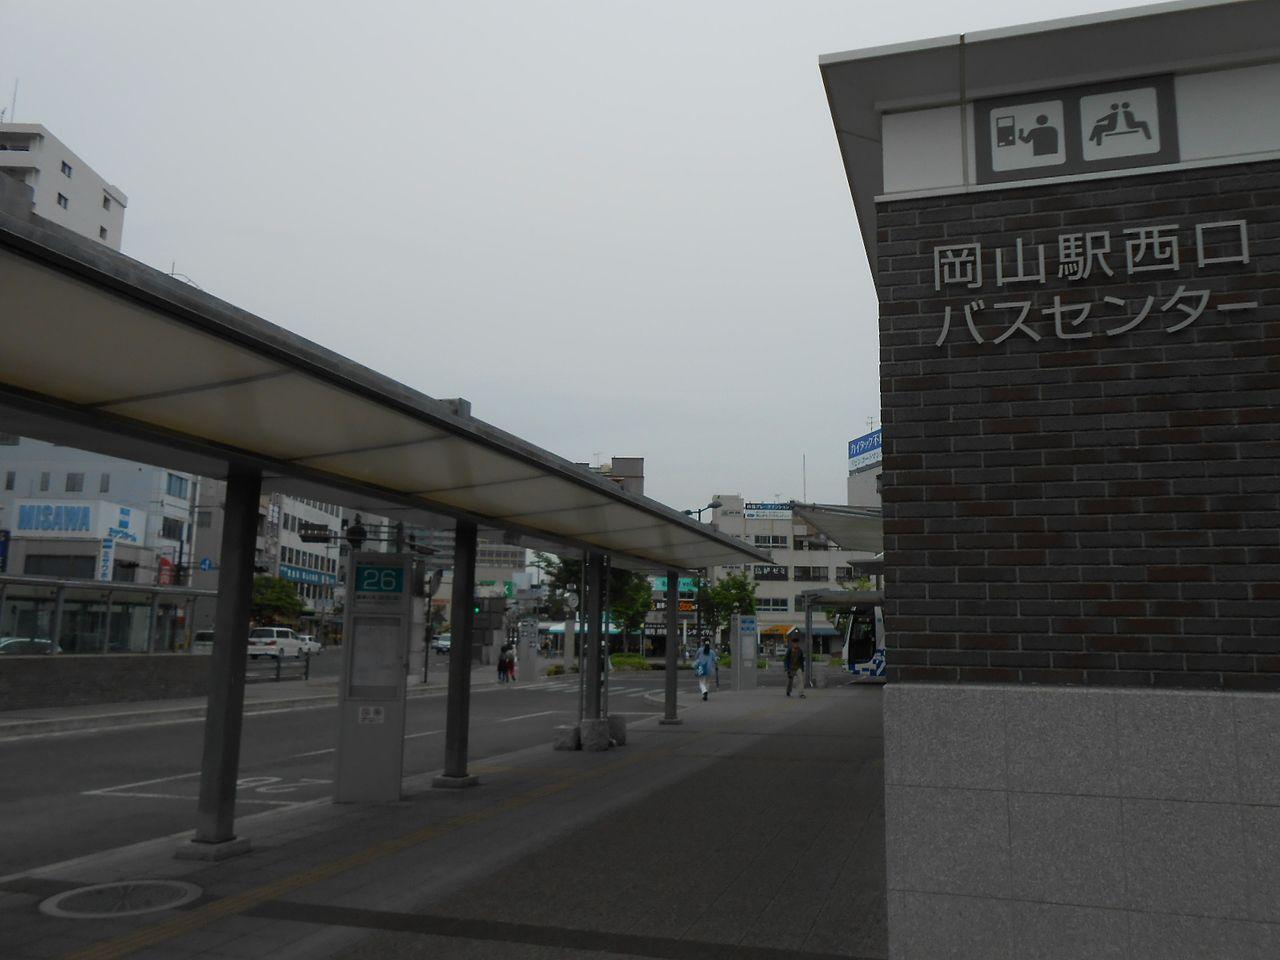 全体を見渡せるコンパクトで分かりやすい岡山駅西口バスセンター